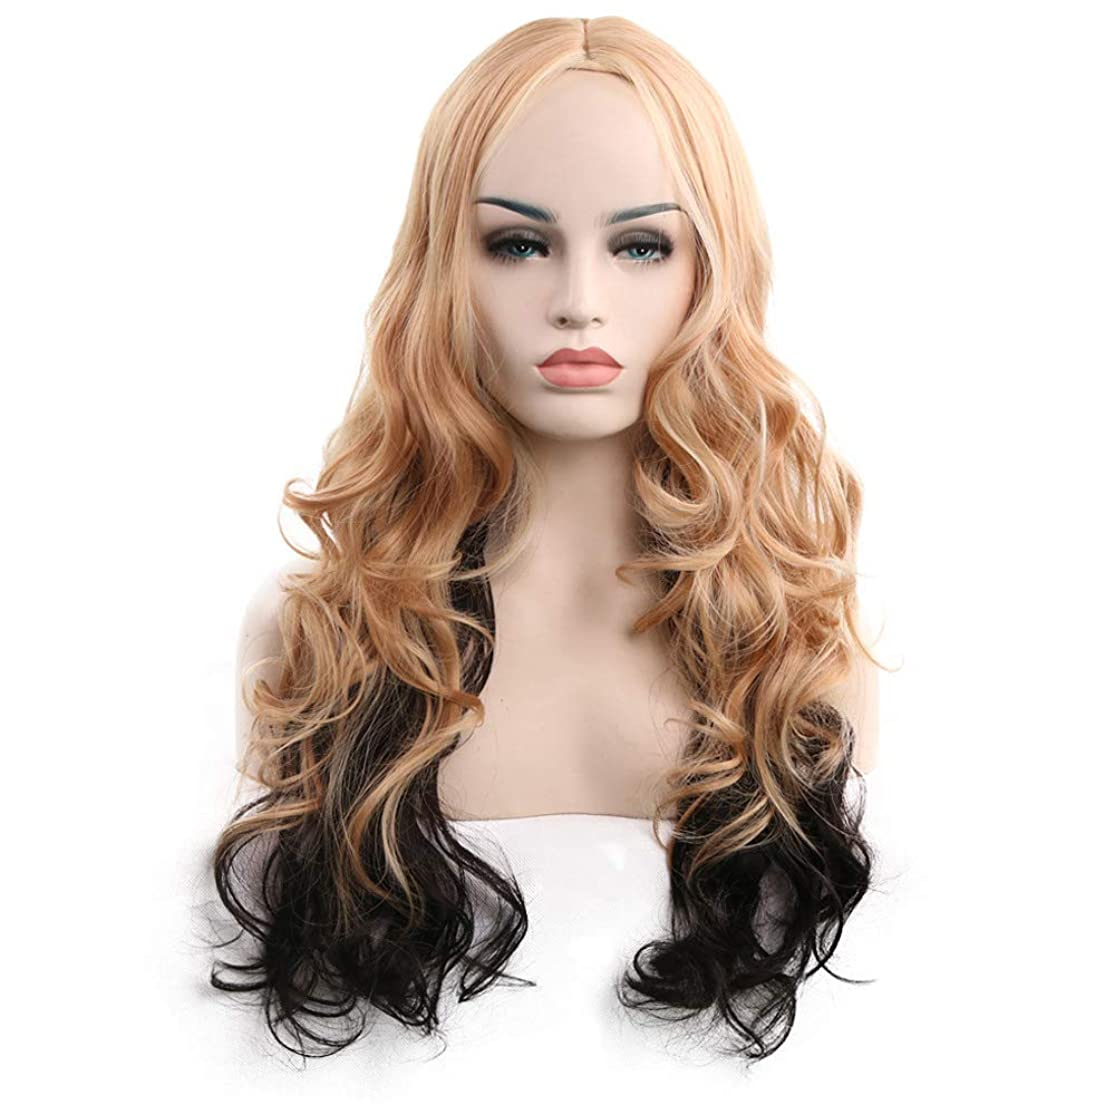 焦げアーサーコナンドイル重さかつらふわふわリアルなかつら女性180%密度のための大きな波状の長いかつら耐熱性かつらブラックゴールド57 cm